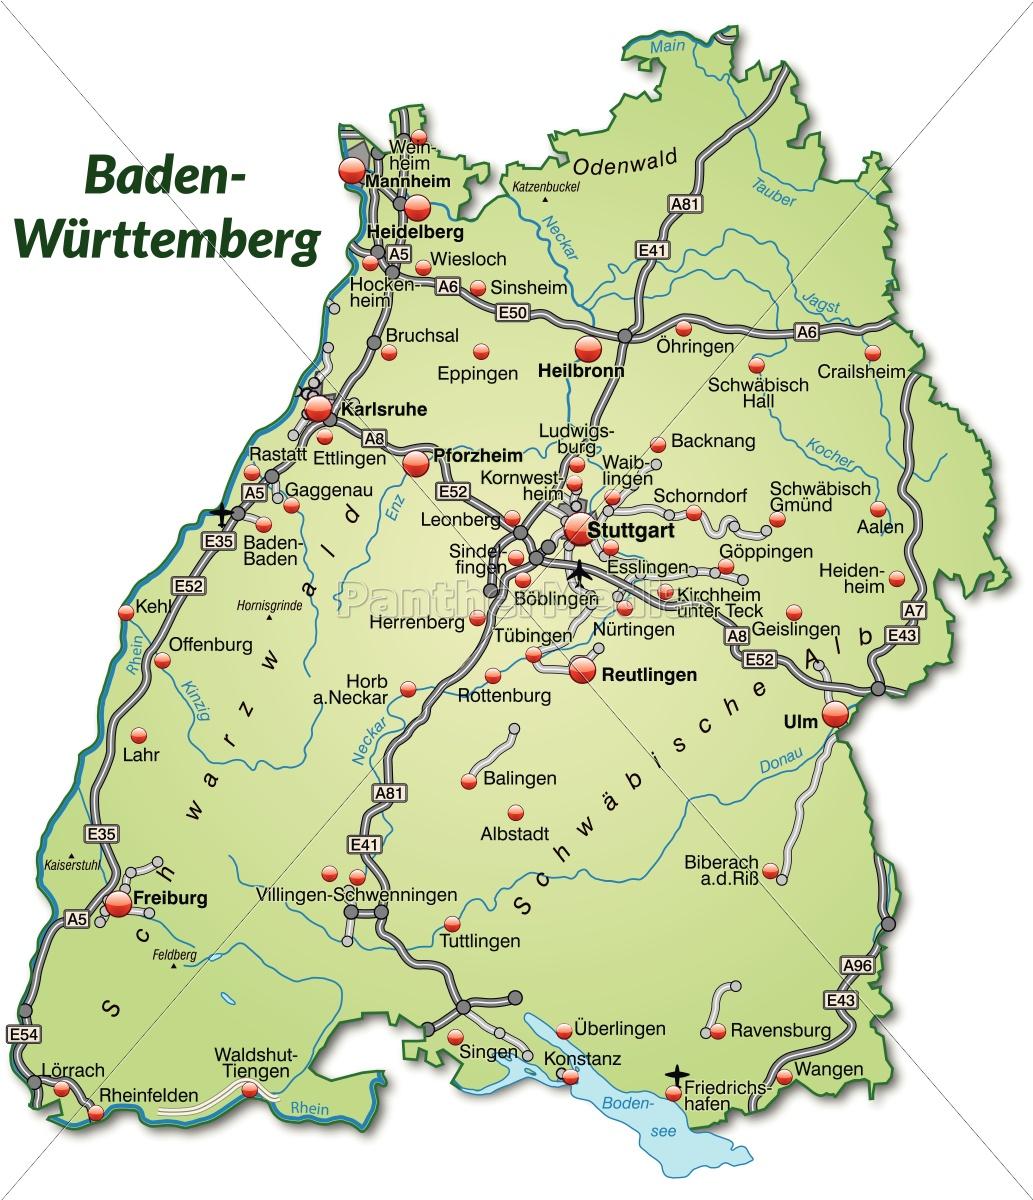 Baden Württemberg Karte.Lizenzfreie Vektorgrafik 10640307 Karte Von Baden Wuerttemberg Mit Verkehrsnetz In